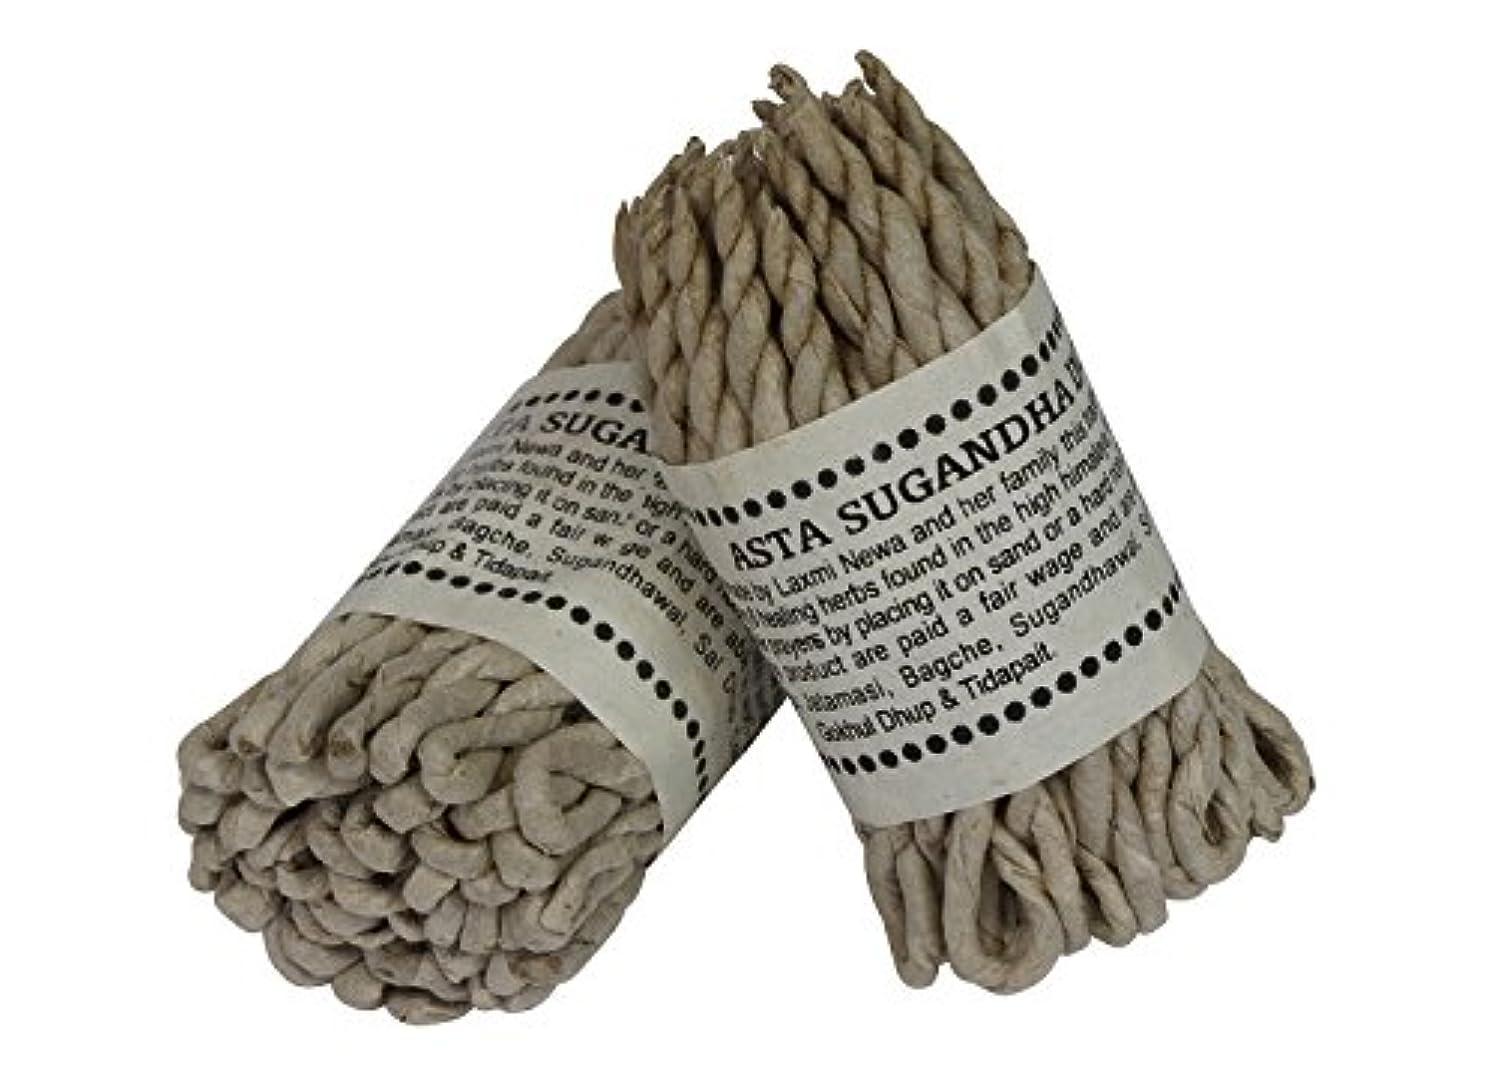 実用的なくなる舌なネパール語Rope Incense with有機ハーブハンドメイドネパールからのバンドル2 ( 2 )